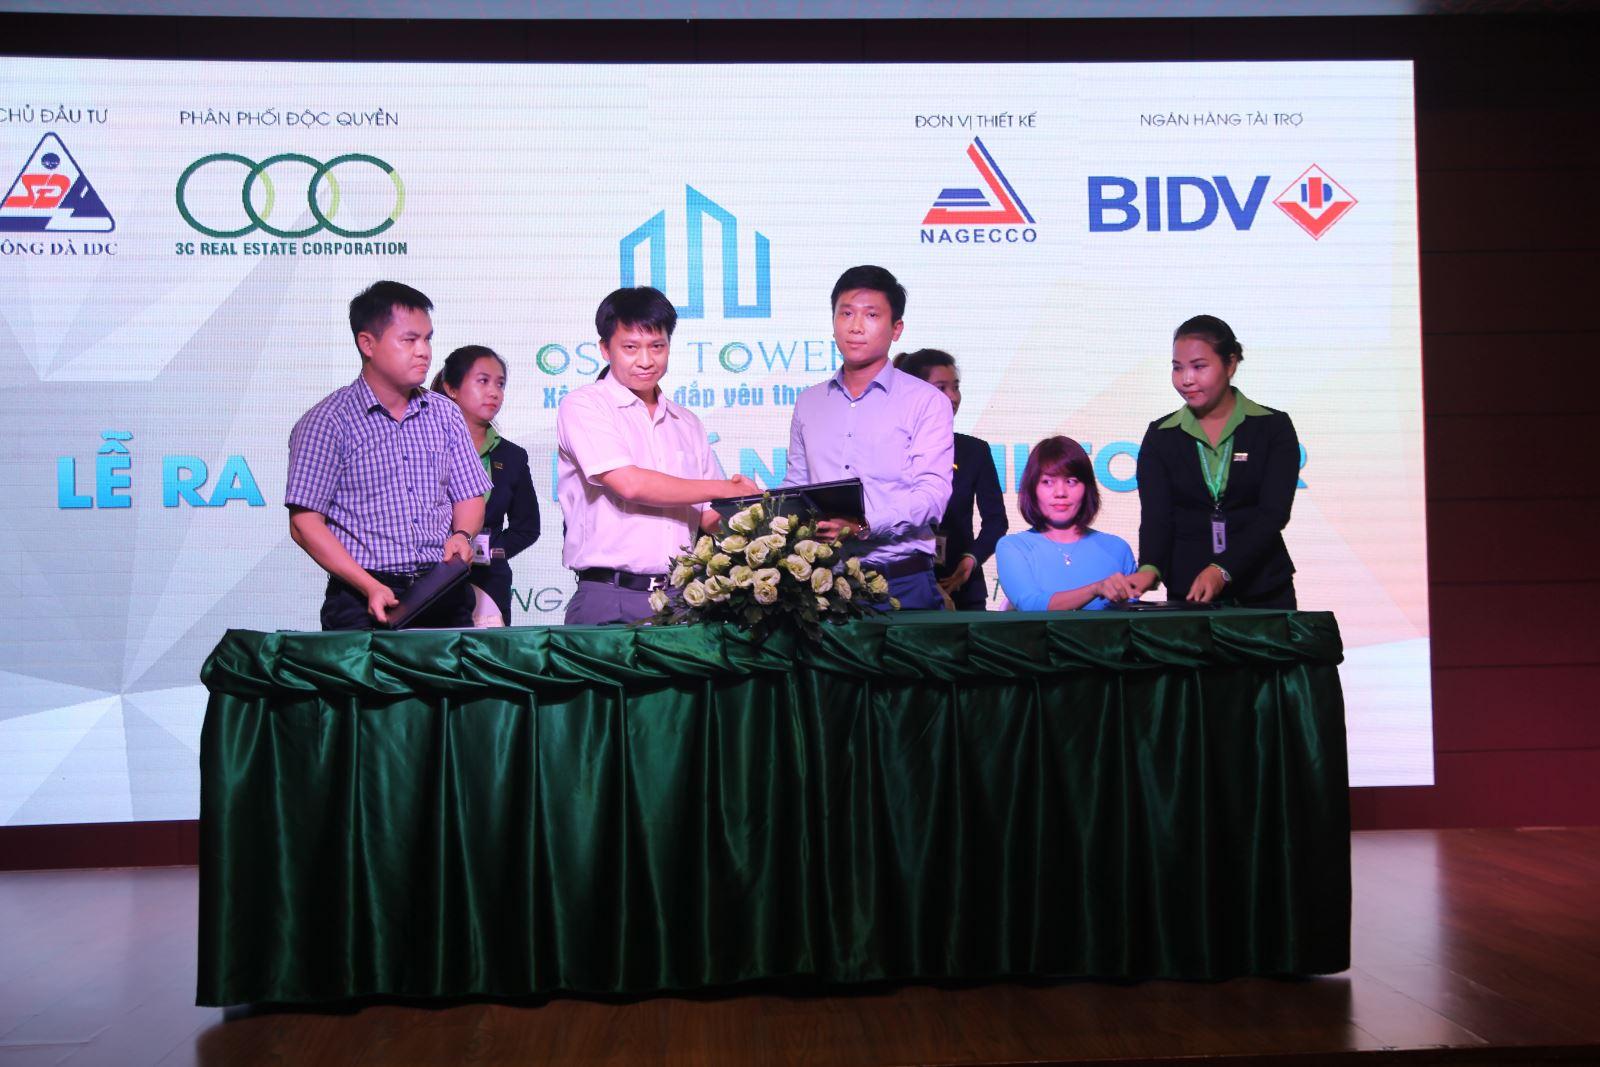 Lễ ký kết giữa Chủ đầu tư và Ngân hàng Bảo Lãnh